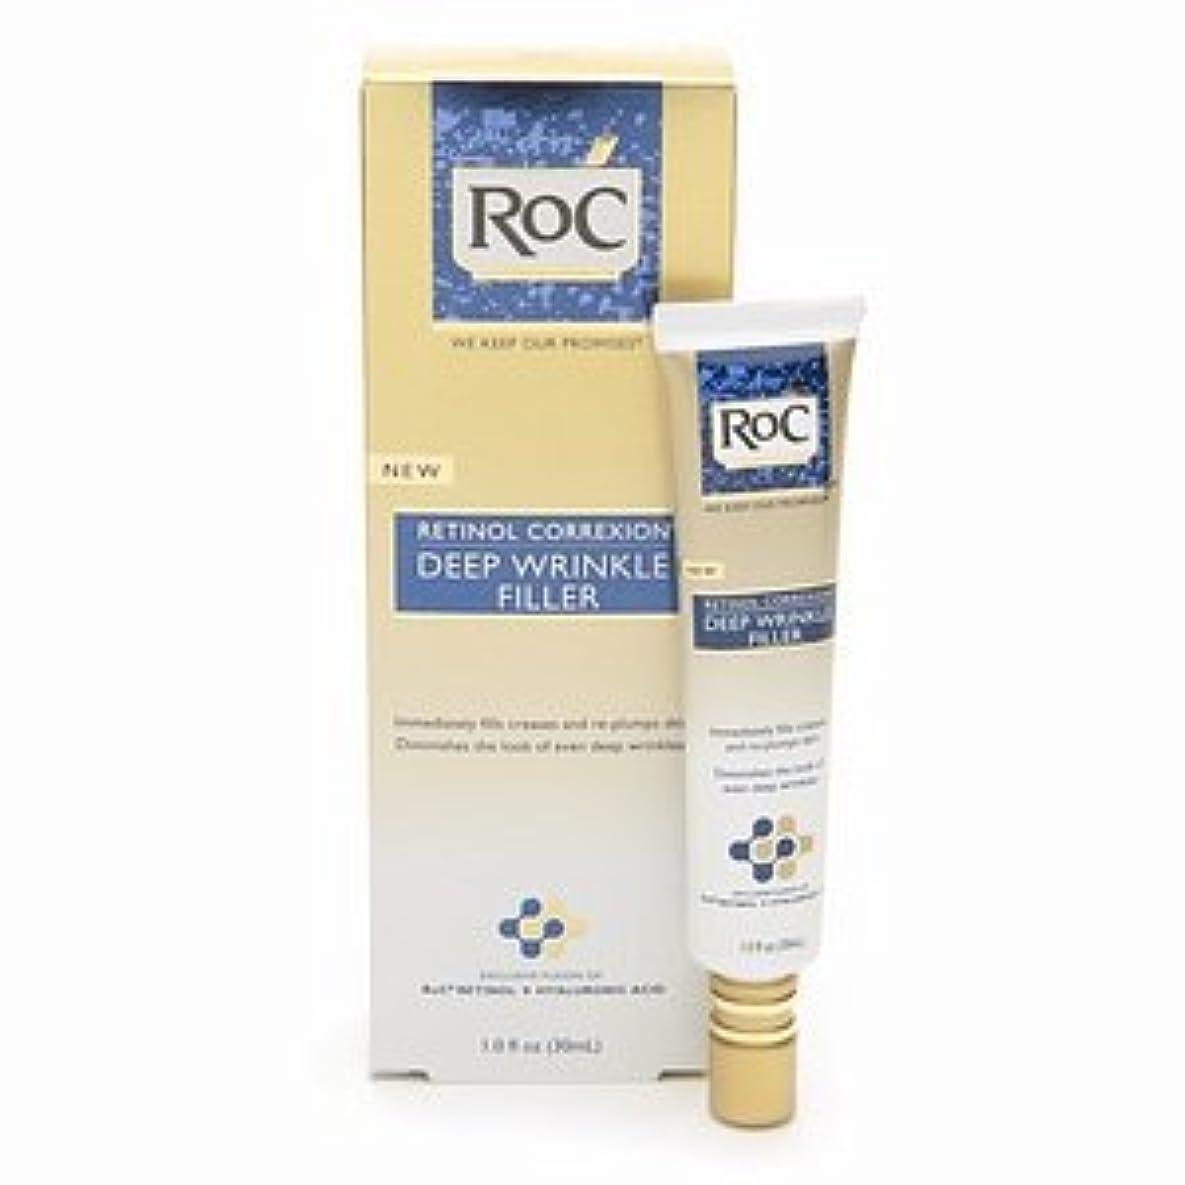 木曜日コークス知覚するRoC レチノール コレクション ディープリンクル フィラー RoC Retinol Correxion Deep Wrinkle Filler